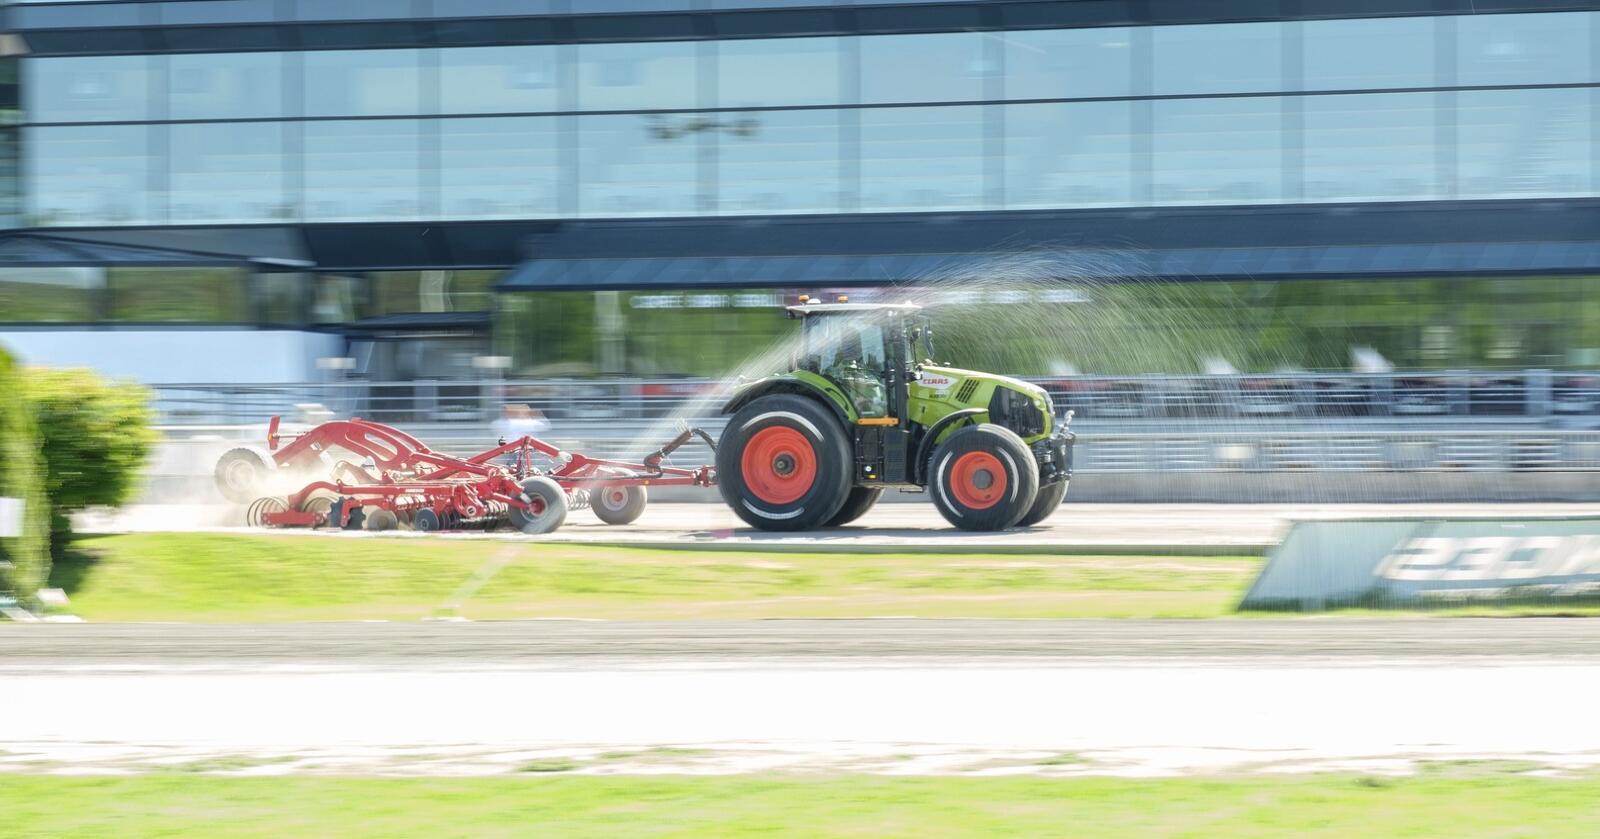 Claas: lysegrønne traktorer med røde felger skal sørge for gode konkurranse og treningsvilkår på Solvalla travbane.